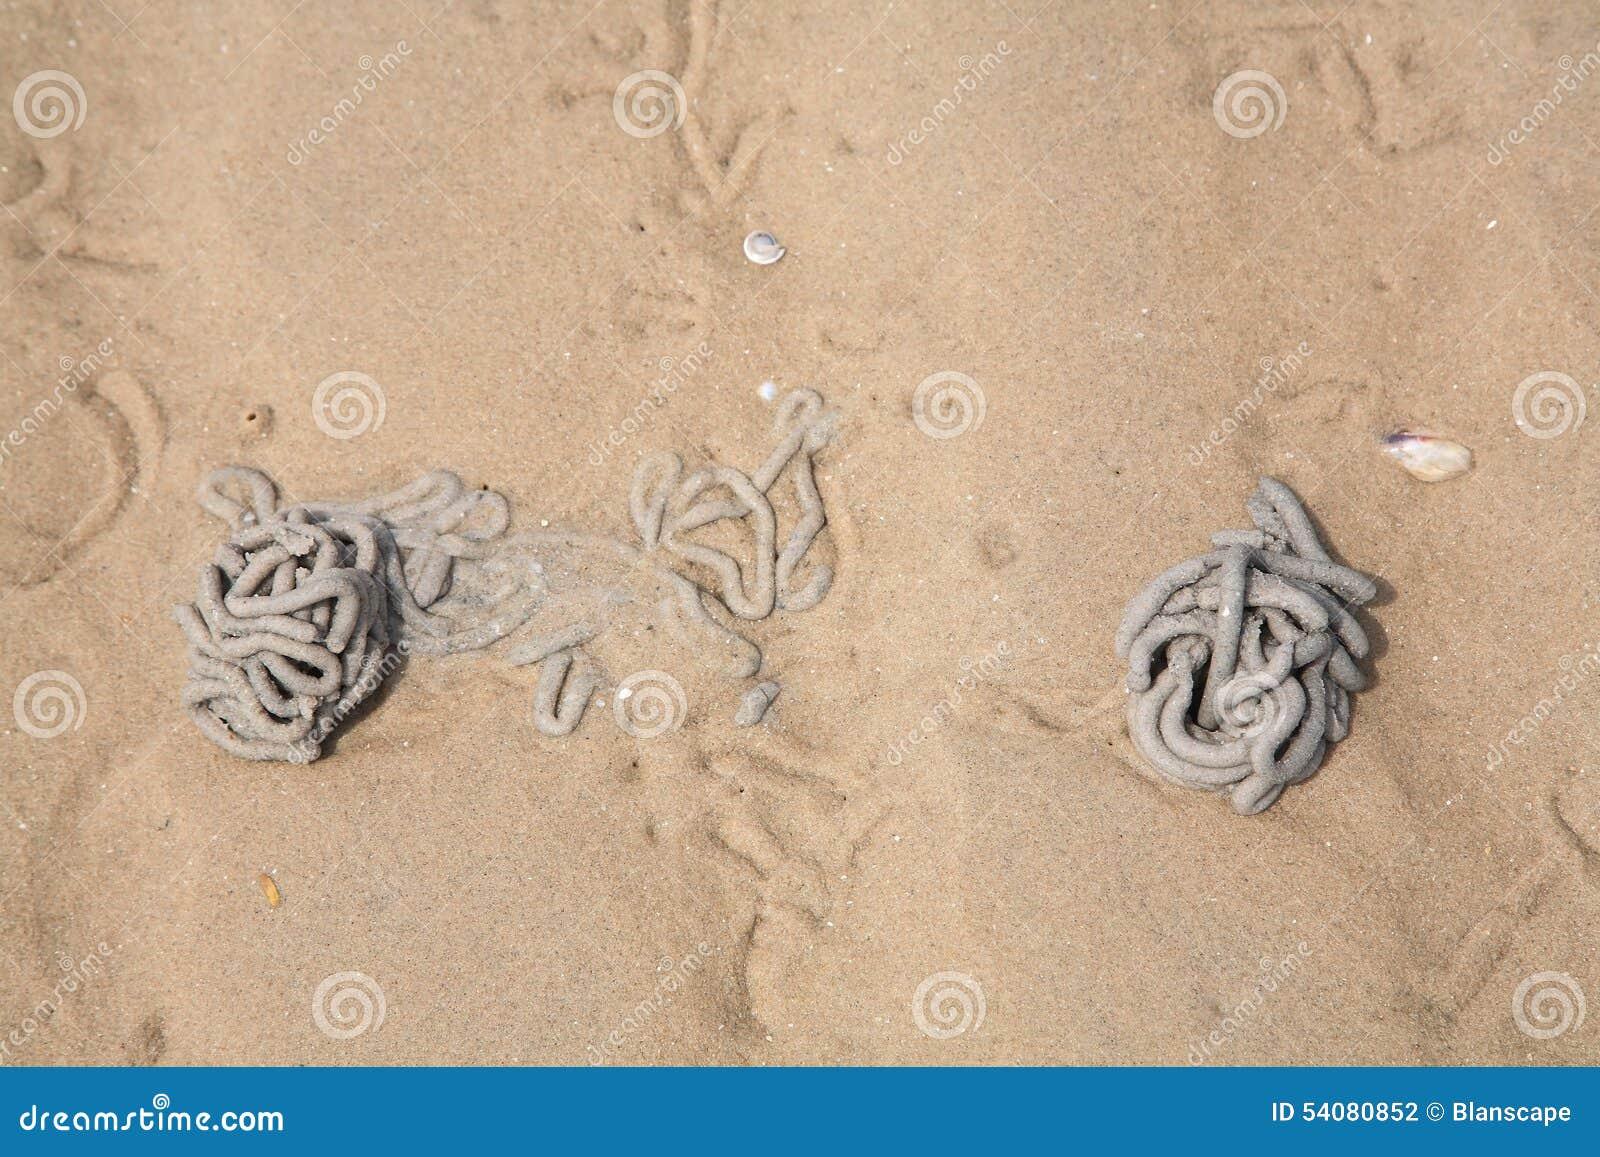 Zeepier of sandworm gegoten op zand